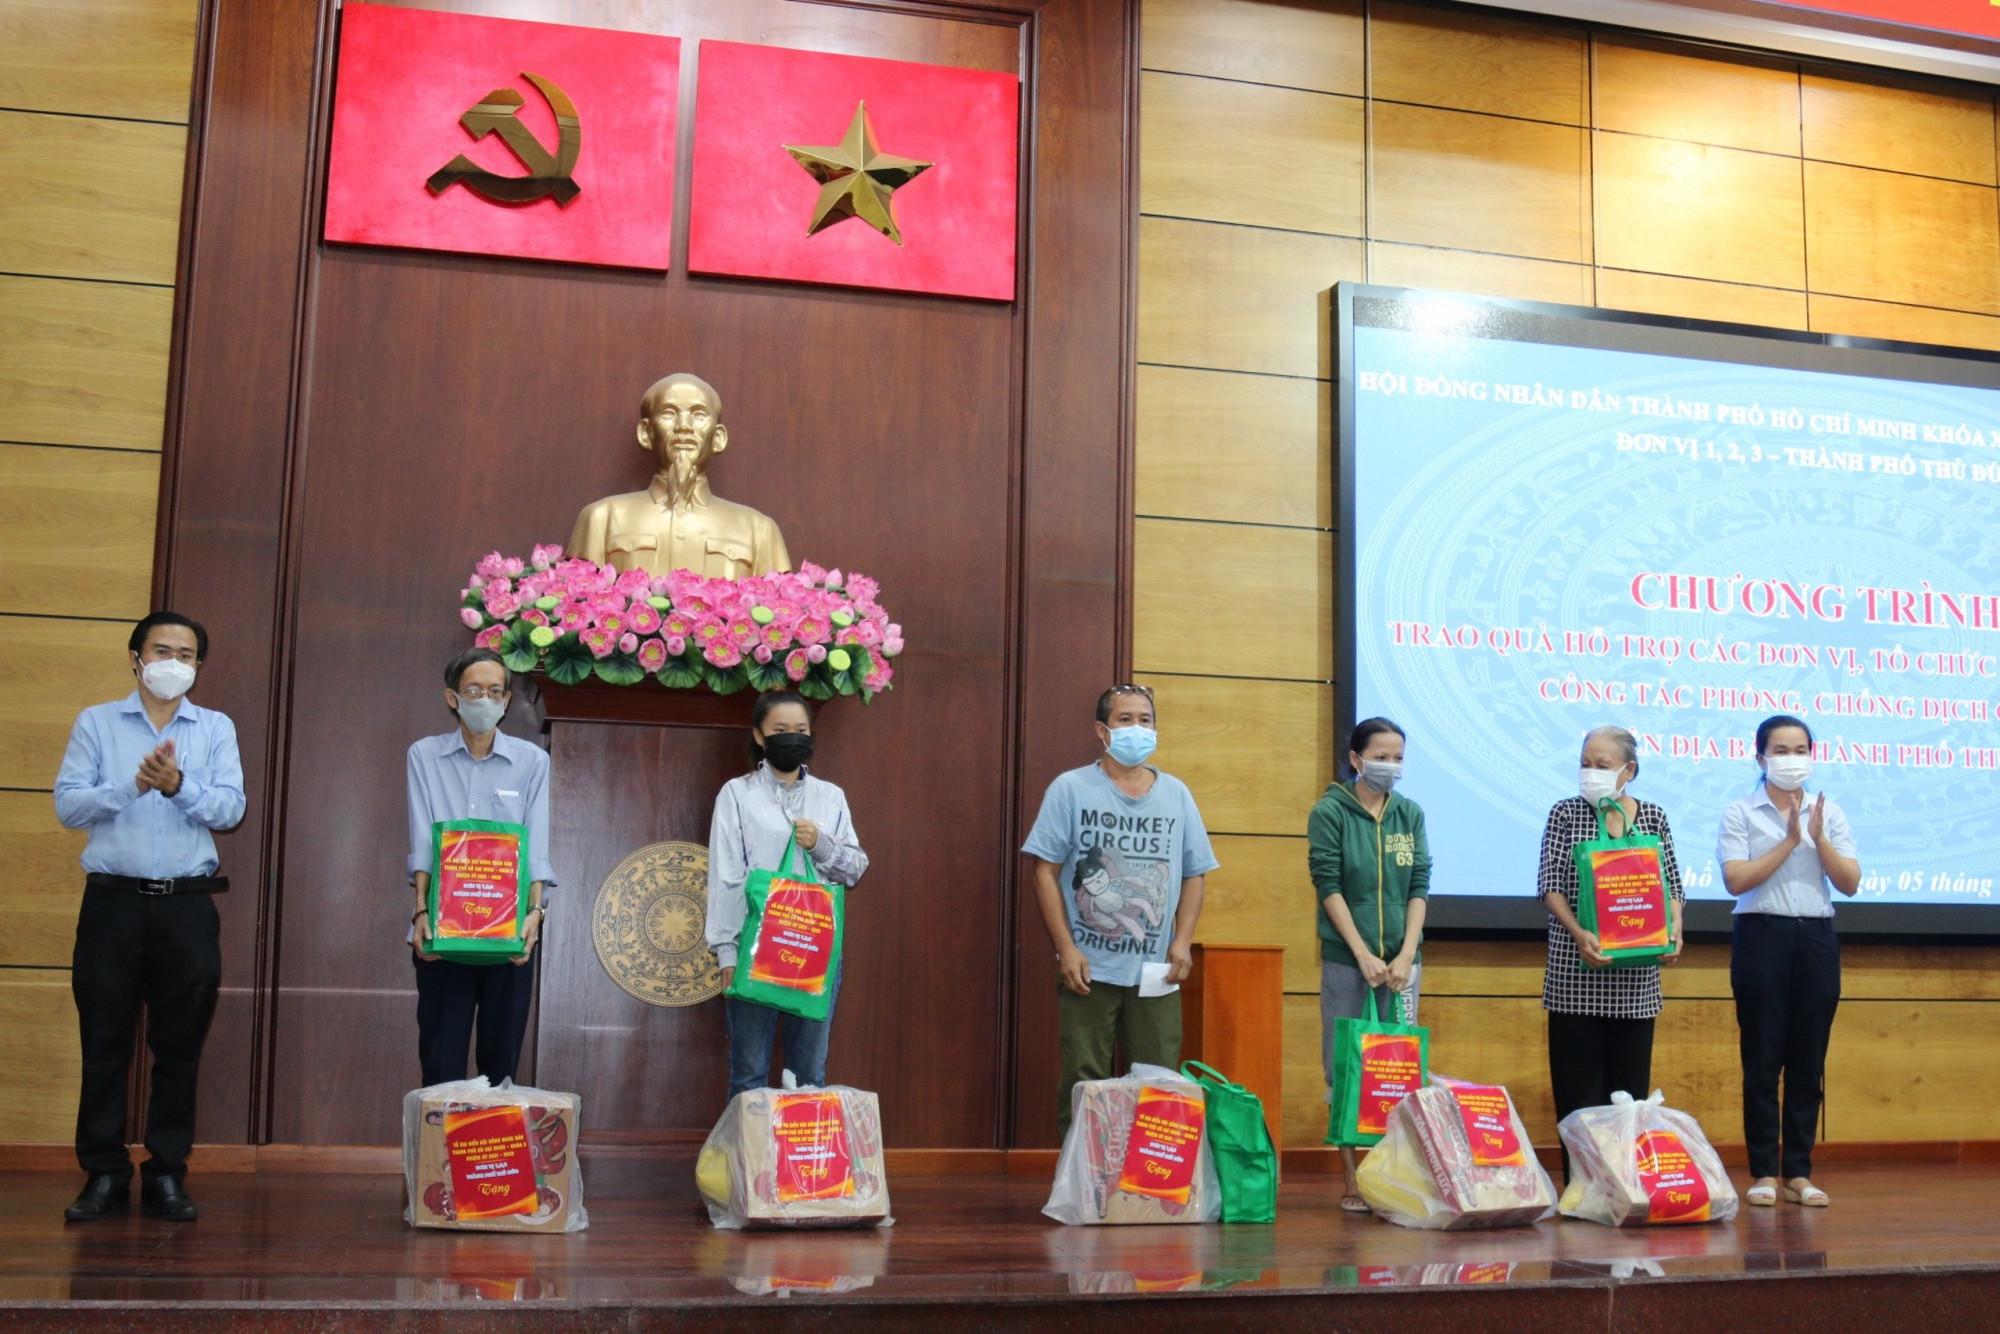 Ông Cao Thanh Bình - Trưởng ban Văn hóa  - xã hội, HĐND TPHCM, Tổ trưởng Tổ đại biểu HĐND TPHCM - Đơn vị thành phố Thủ Đức đại diện đoàn tặng quà cho người dân